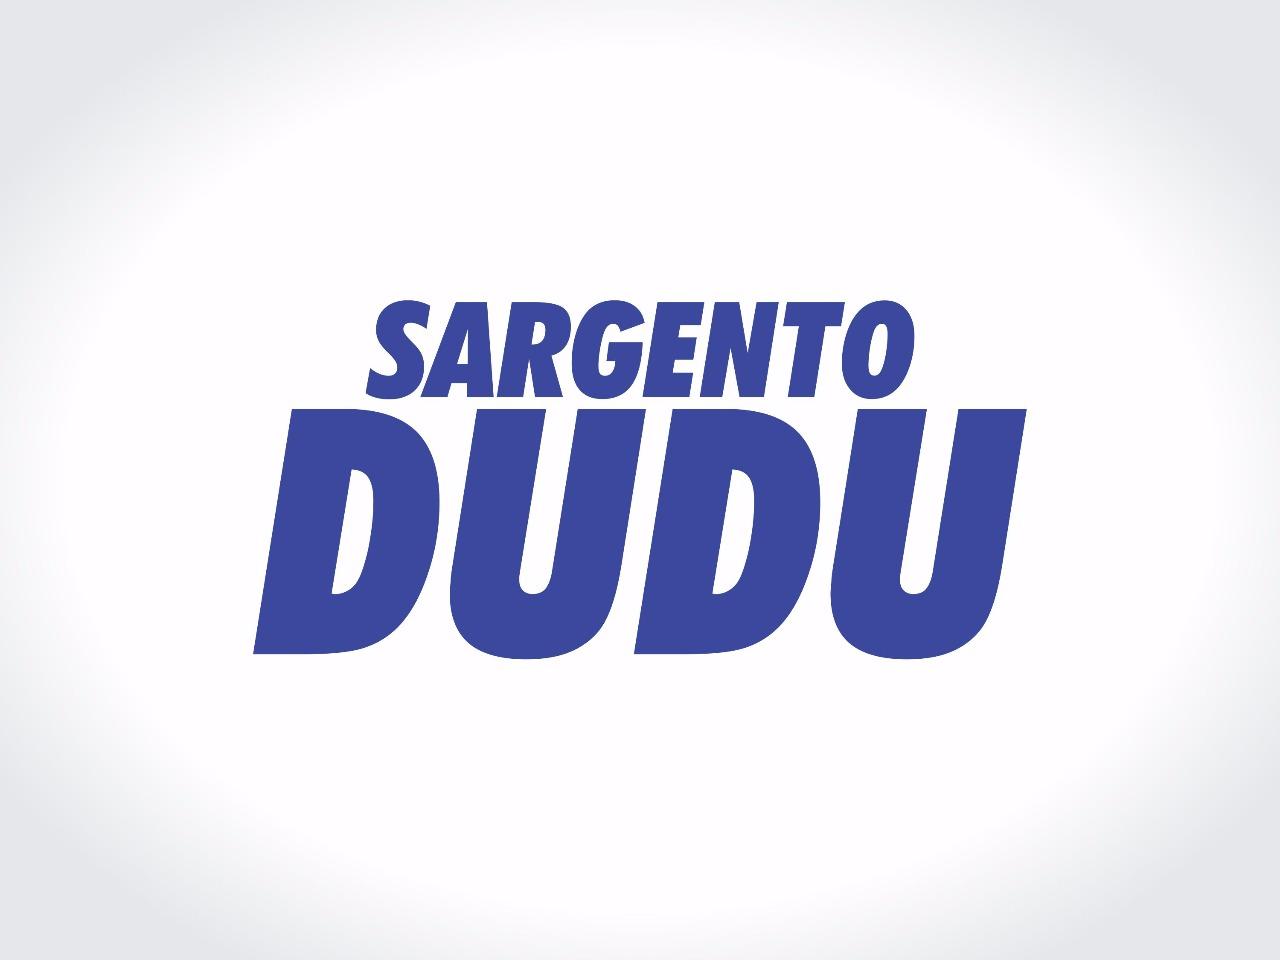 SARGENTO DUDU